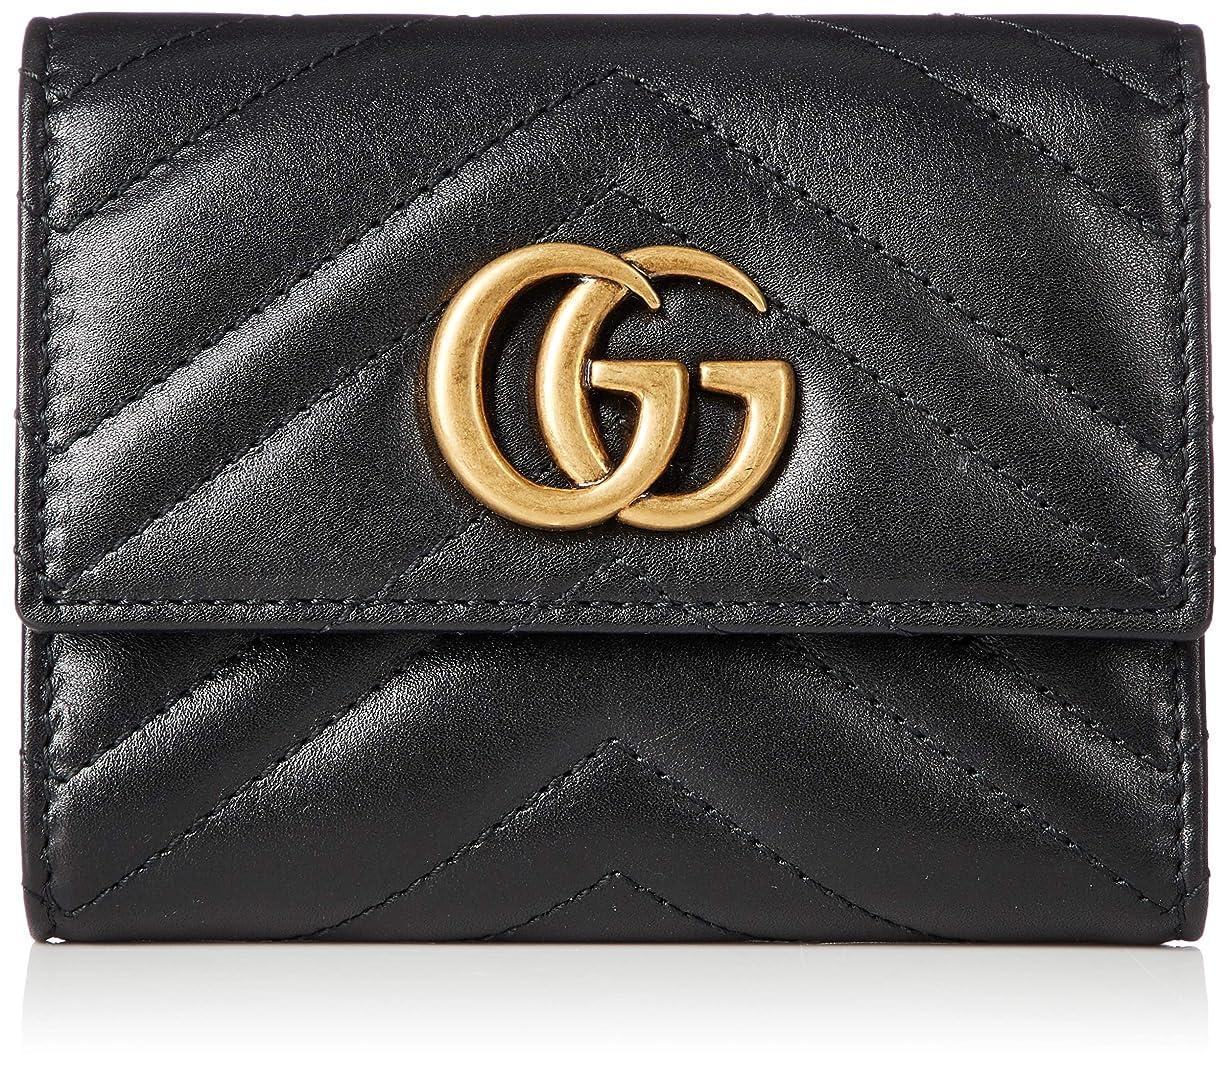 影アンビエント不調和[グッチ] 財布 レディース GG MARMONT 2.0 折財布 並行輸入品 474802 DRW1T [並行輸入品]